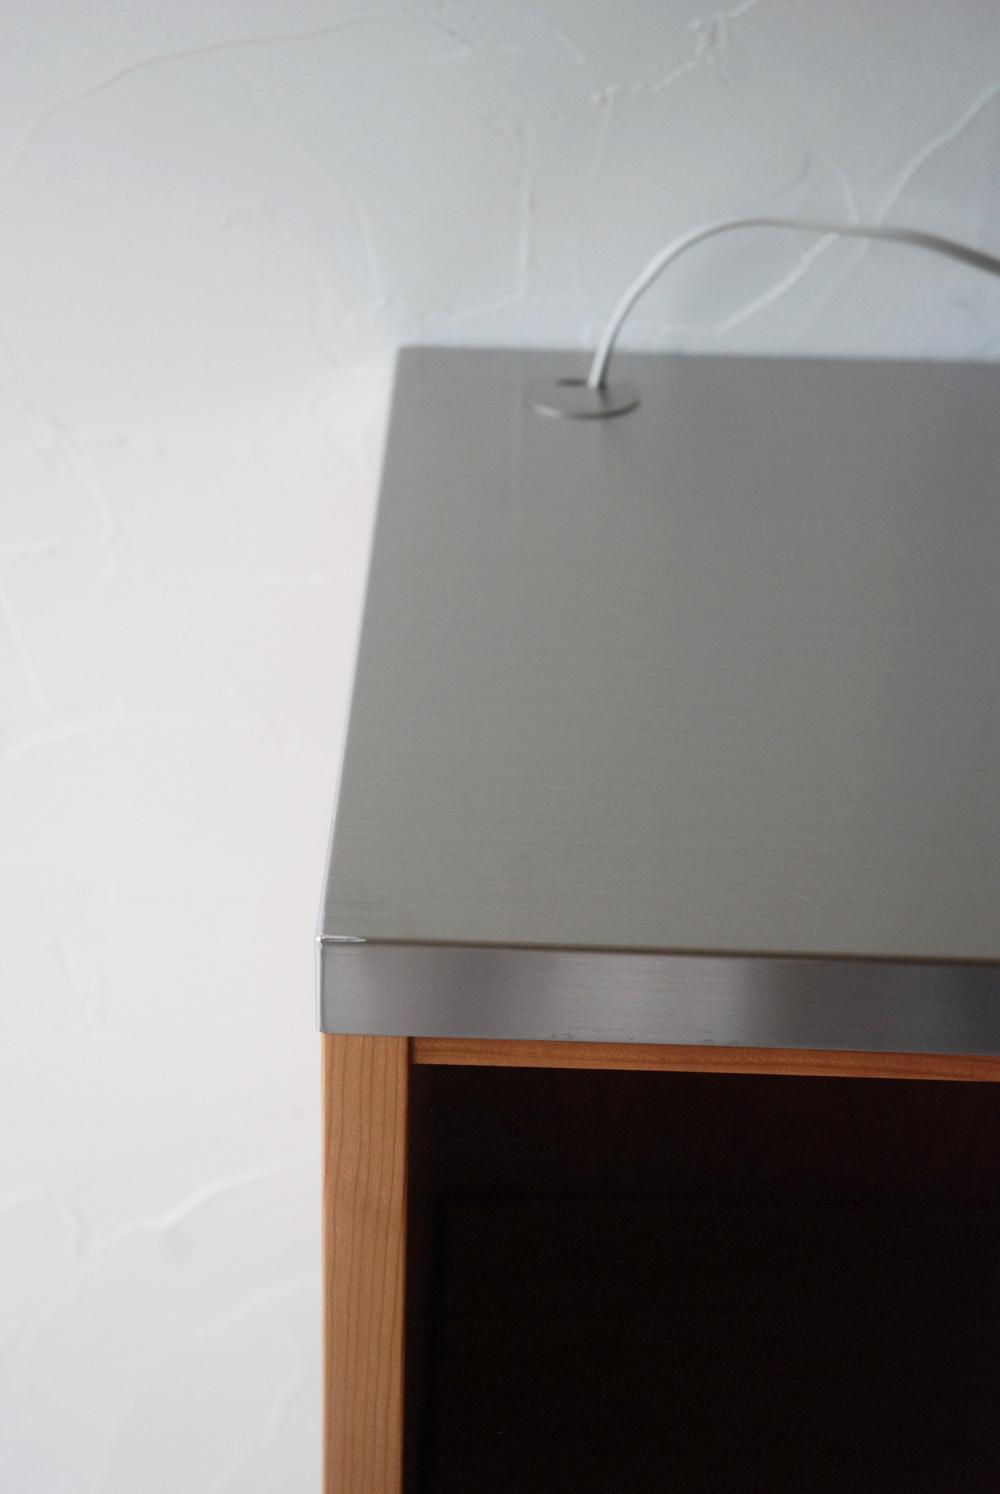 レンジ台に米びつと一升瓶置き場をオーダー ガラス戸棚と一緒に 744イメージ-3